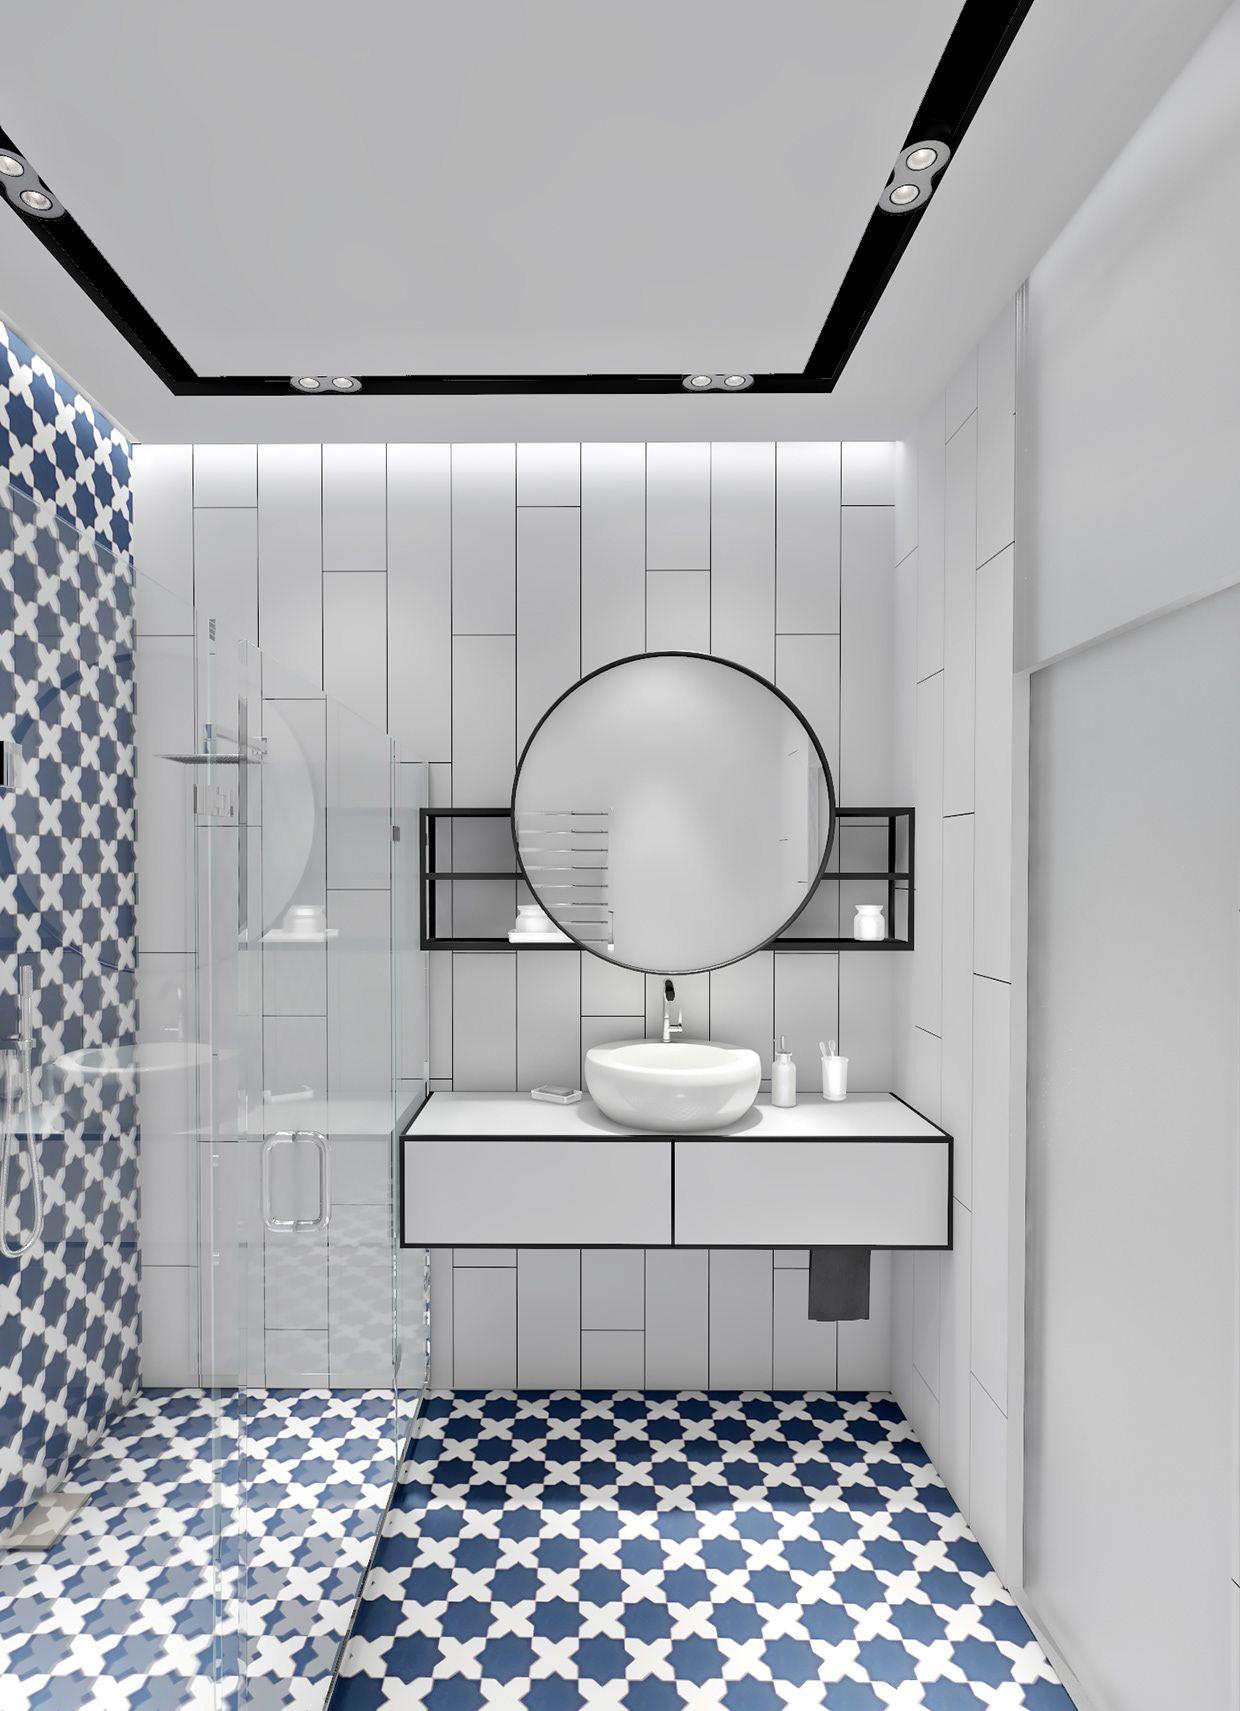 Salle de bain design inspiration grecque. Carrelage bleu et blanc ...